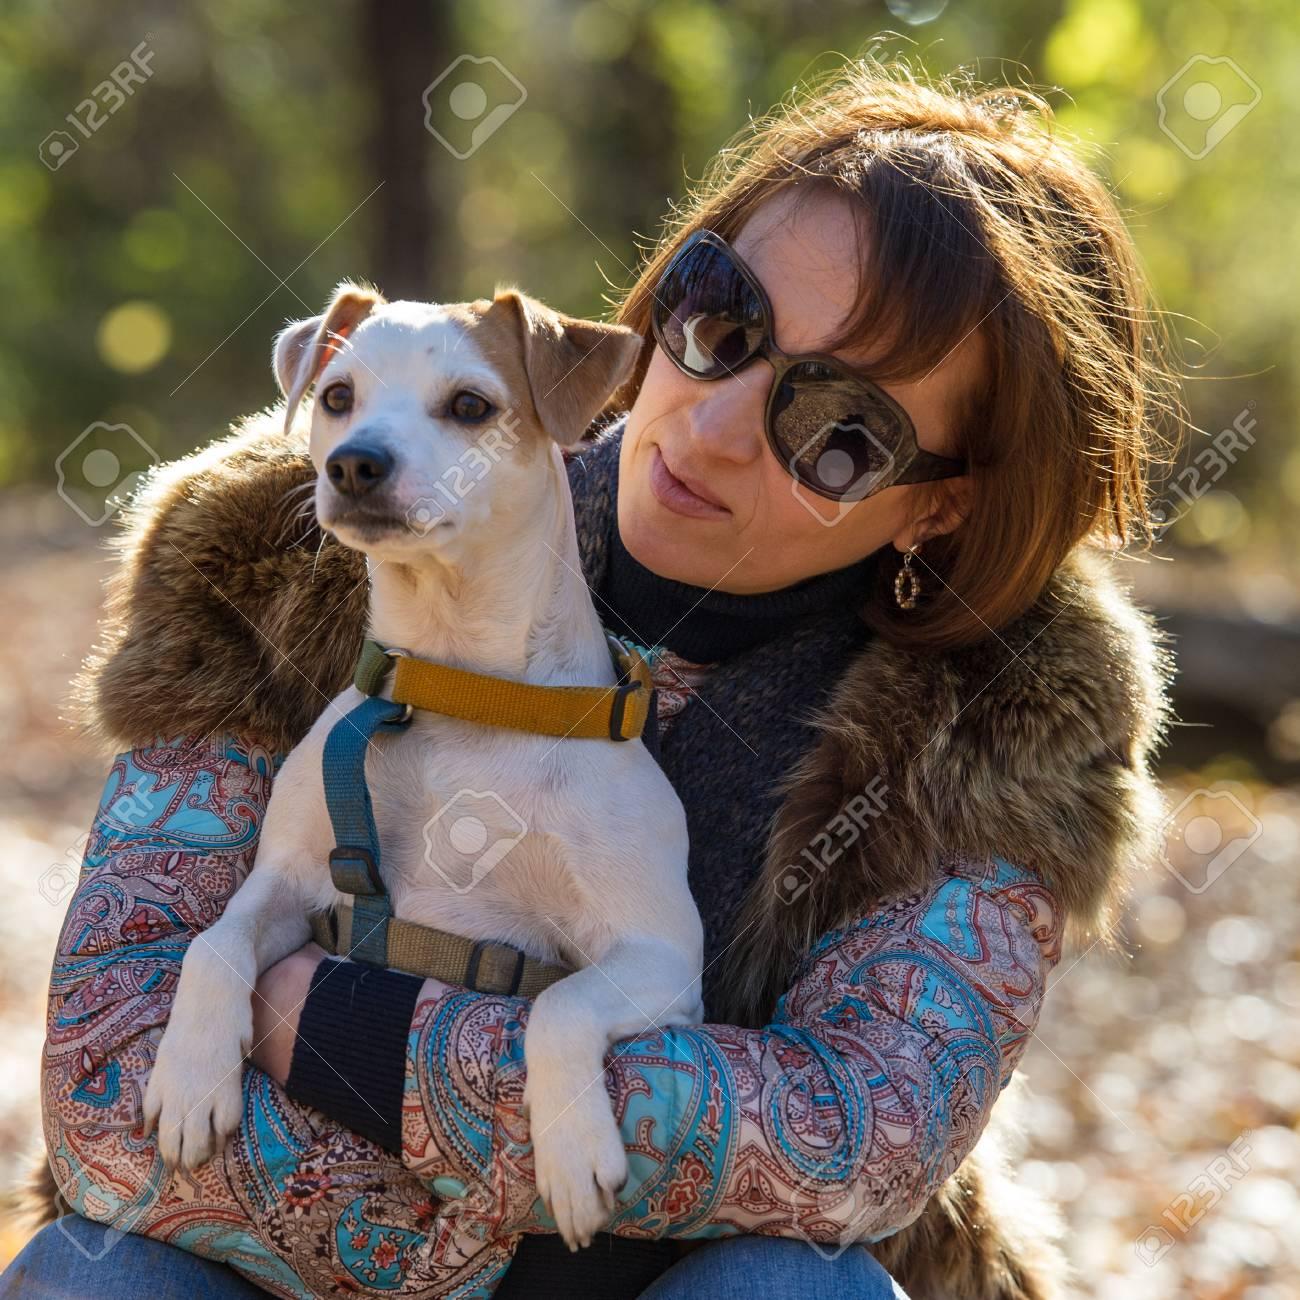 vakantie 40 jaar Portret Van Een Vrouw Met Een Hond Op Vakantie In Het Herfstpark  vakantie 40 jaar